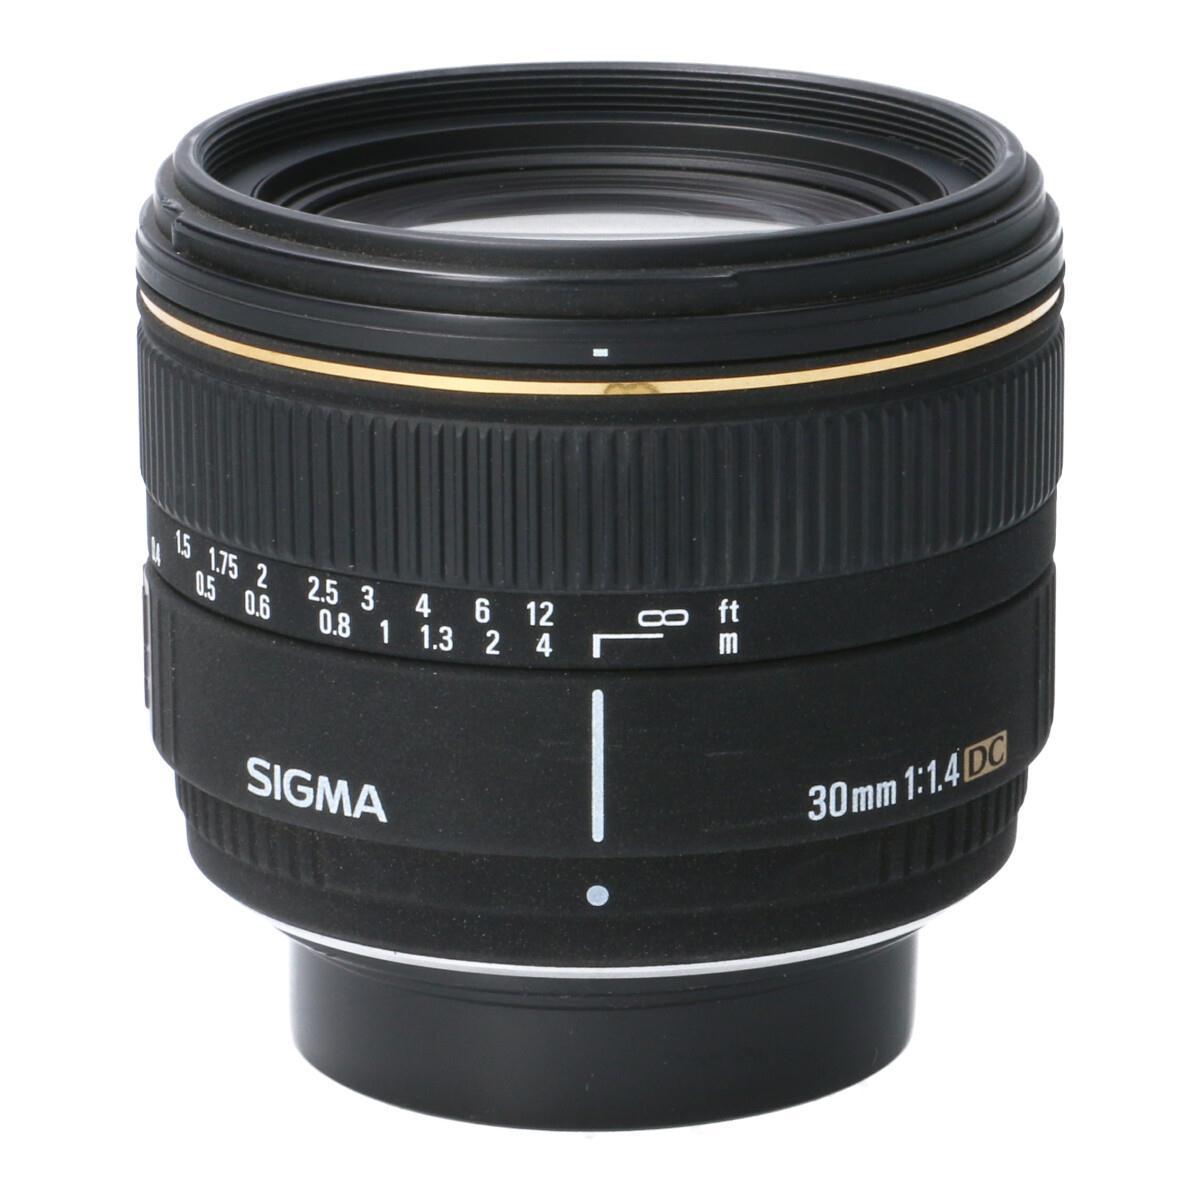 SIGMA ペンタ30mm F1.4EX DC【中古】